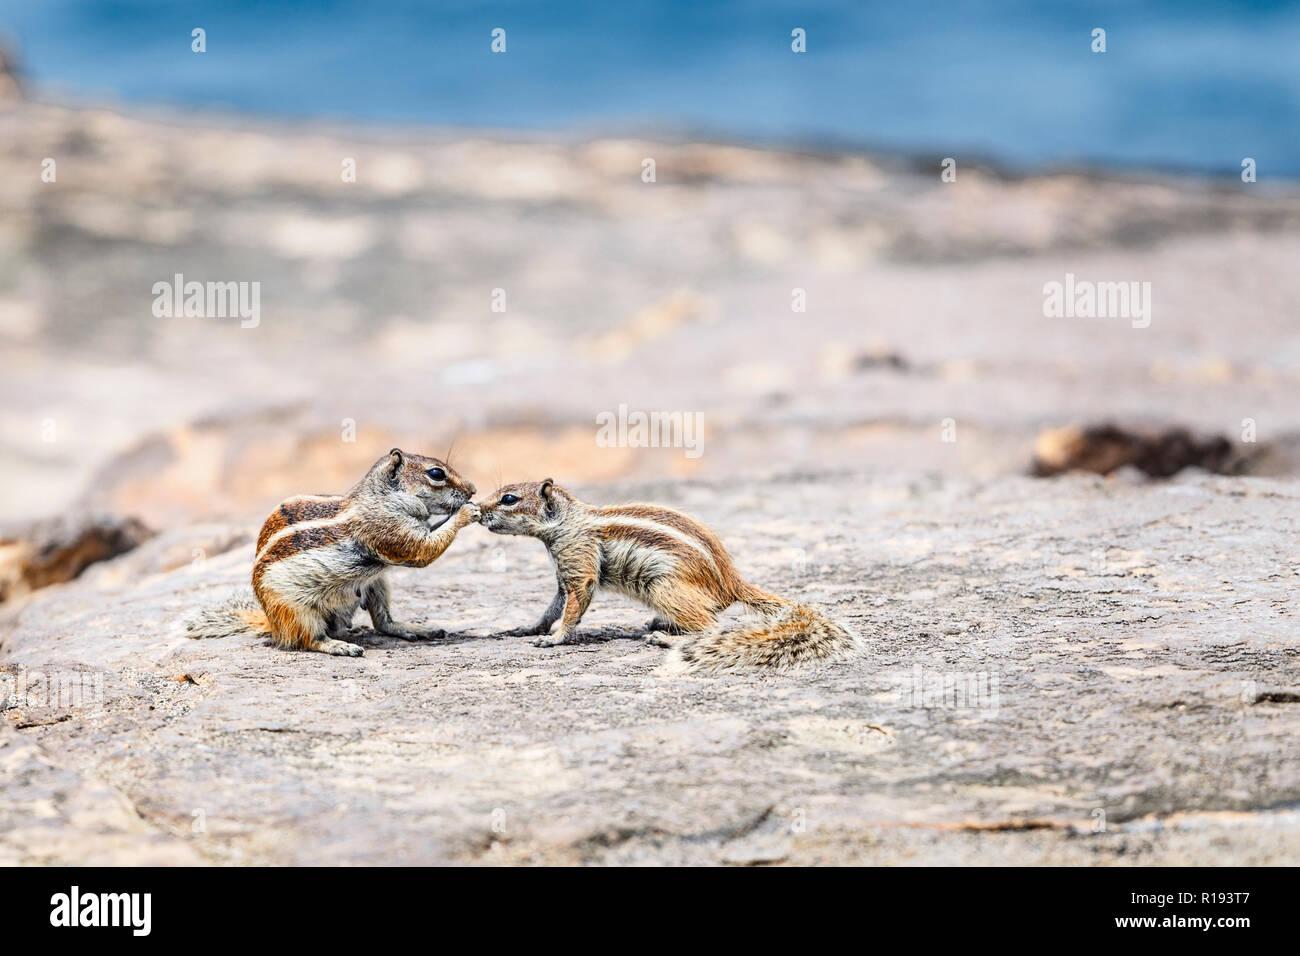 Barbary Eichhörnchen (streifenhörnchen) in Fuerteventura, Kanarische Inseln Stockbild